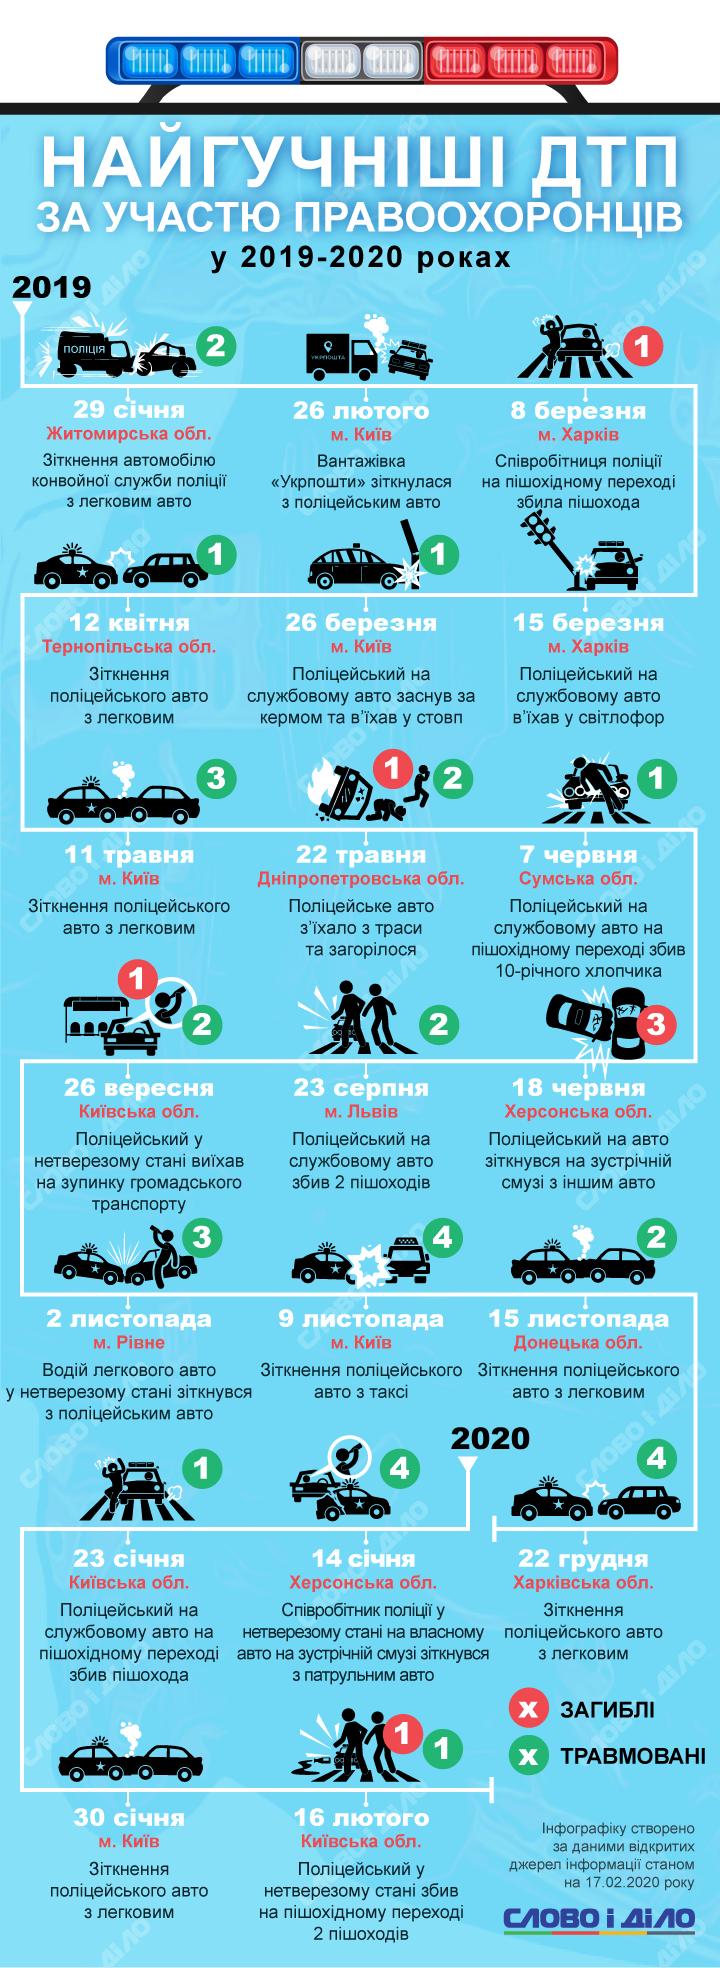 Слово і Діло згадало найбільш резонансні дорожньо-транспортні події за участю правоохоронців за останній рік.